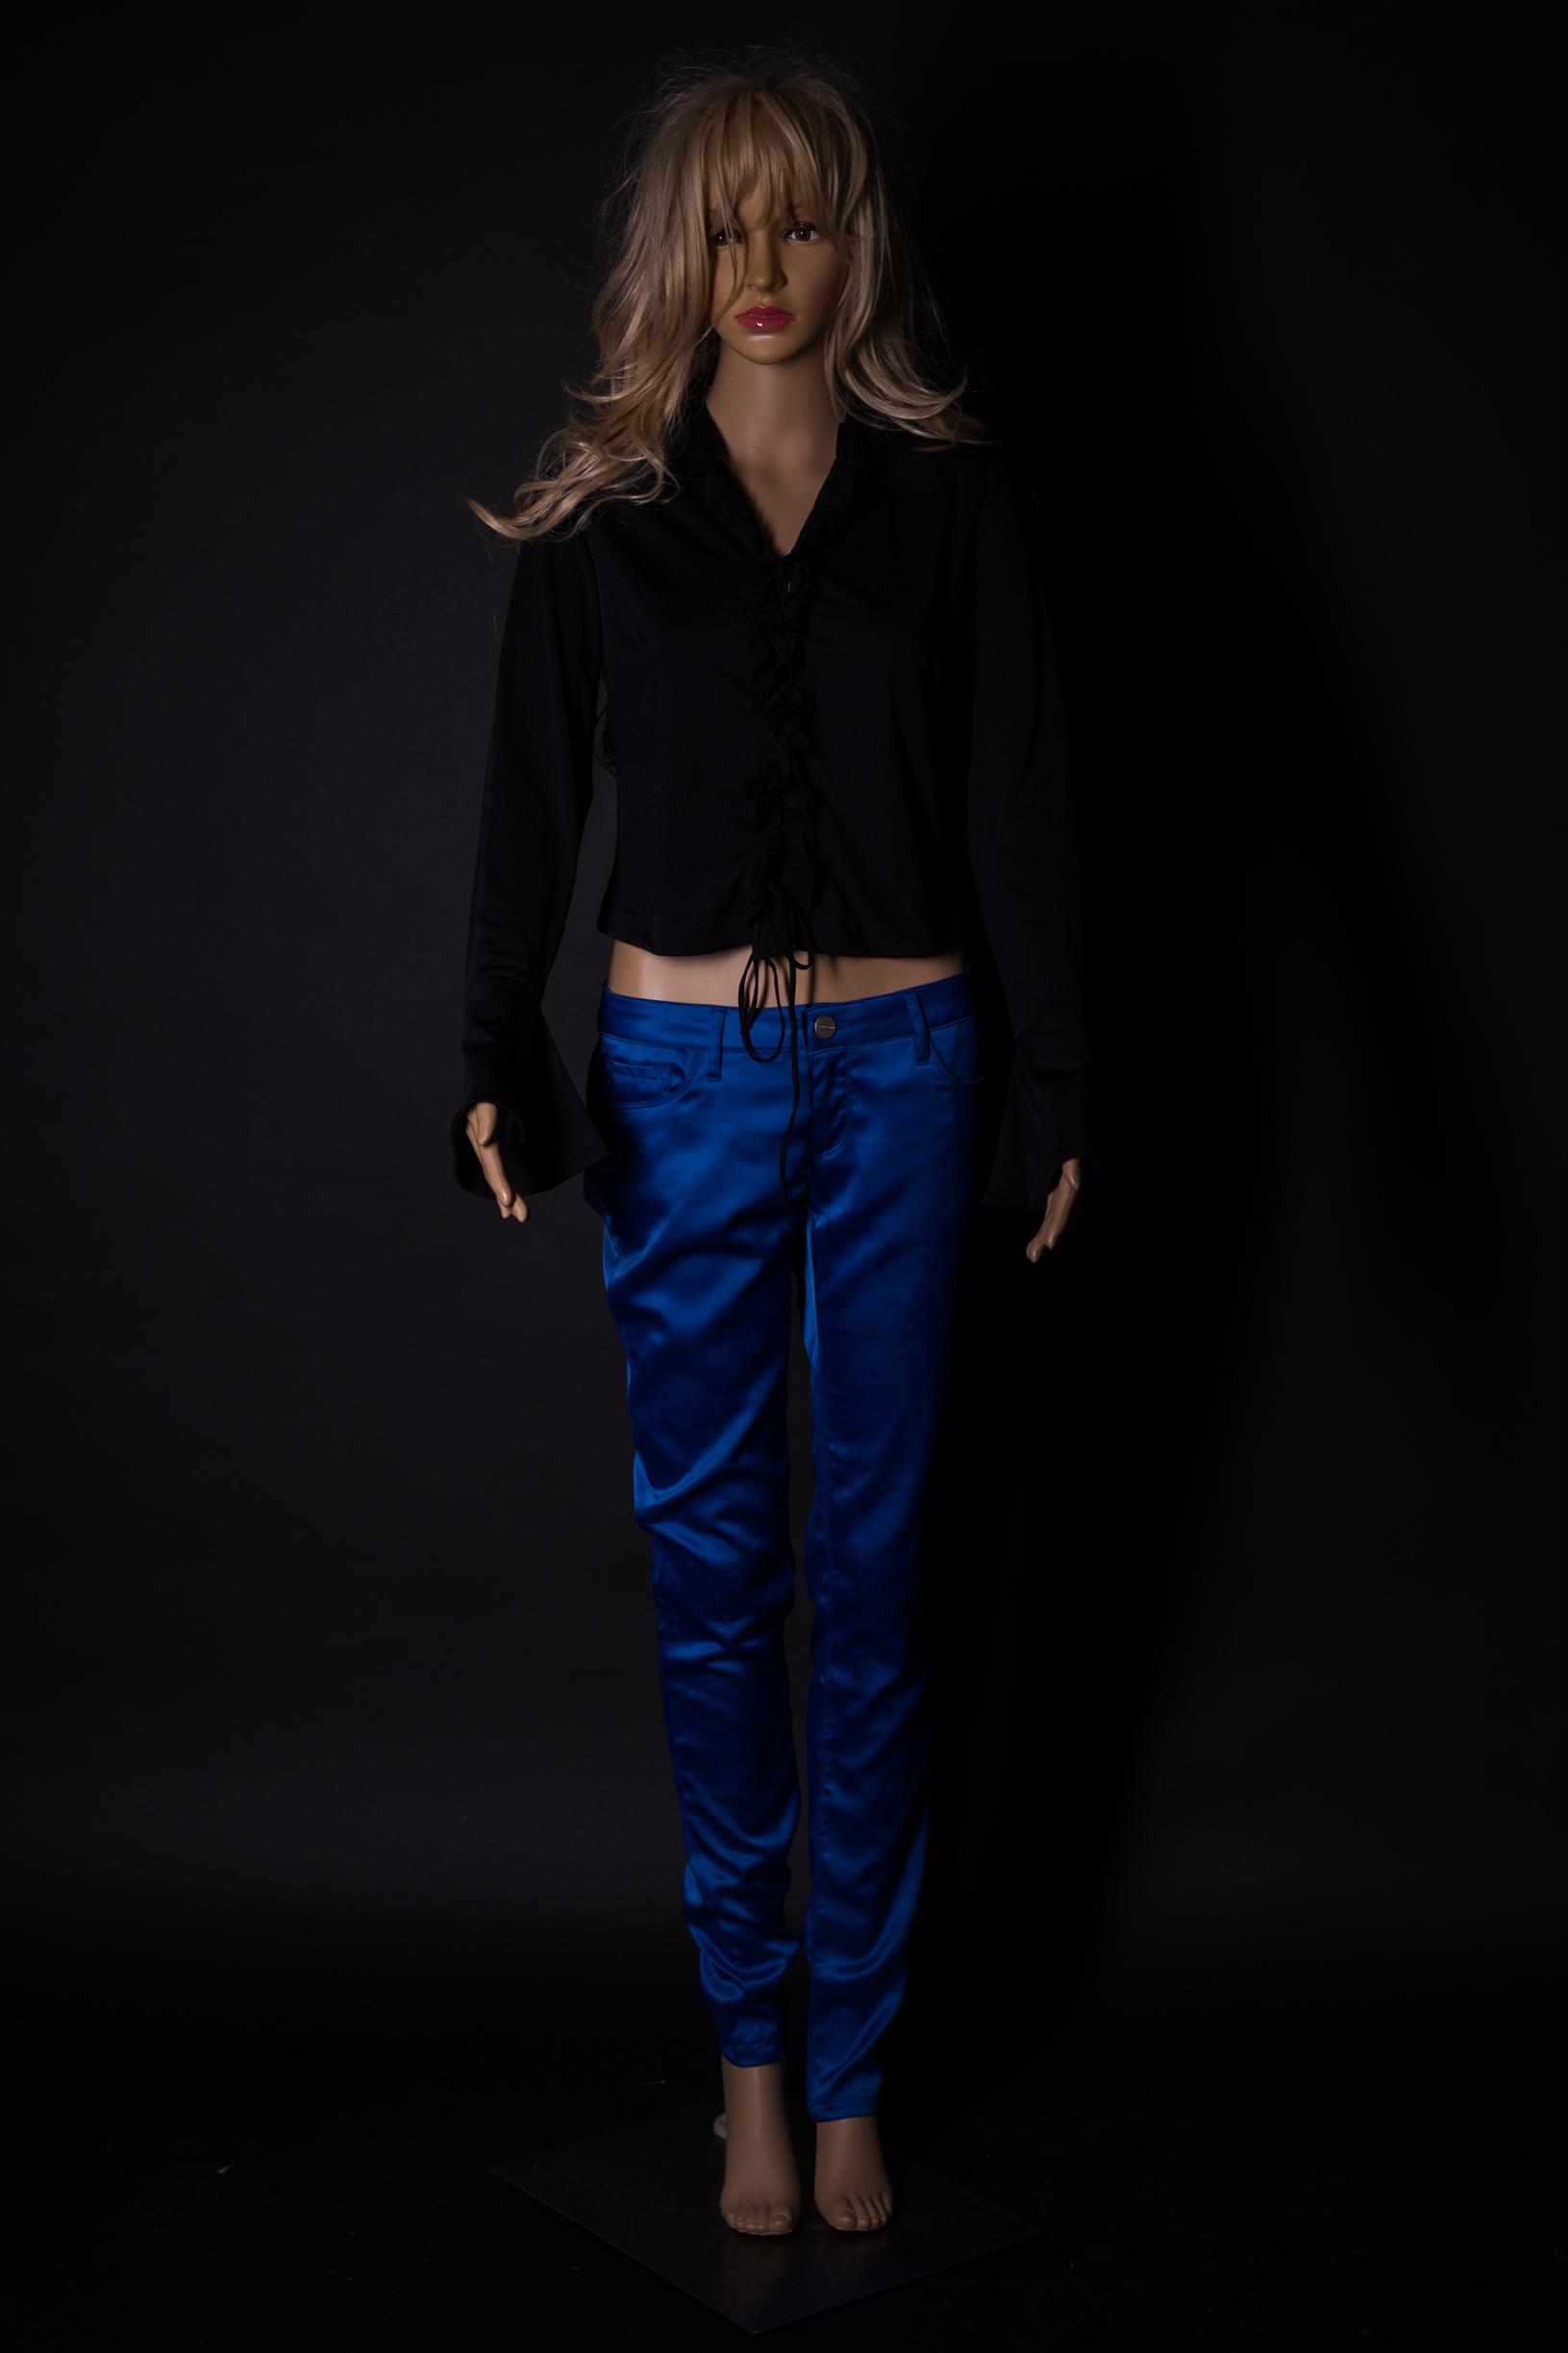 schwarzes Oberteil mit Royalblaue Satinhose